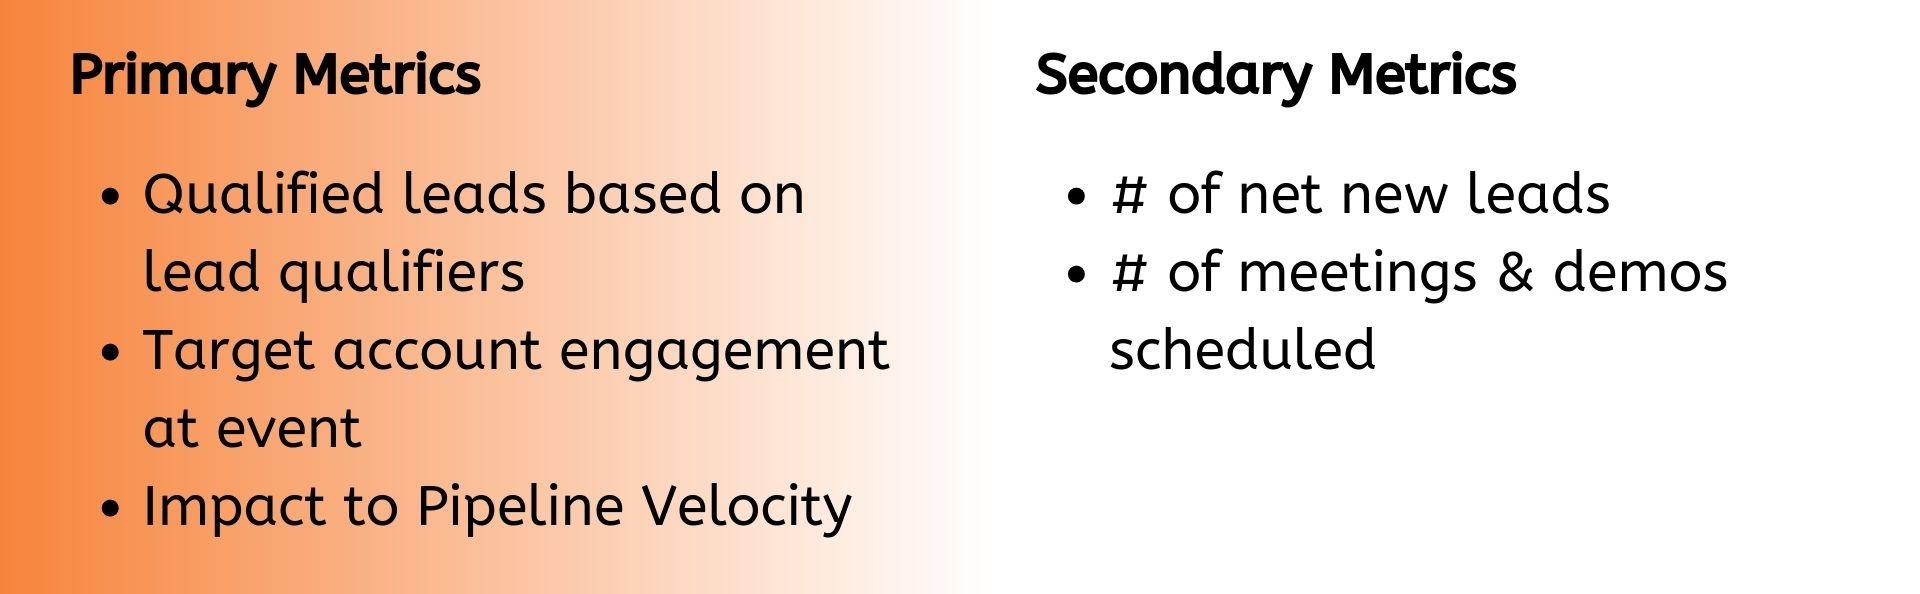 Primary Metrics